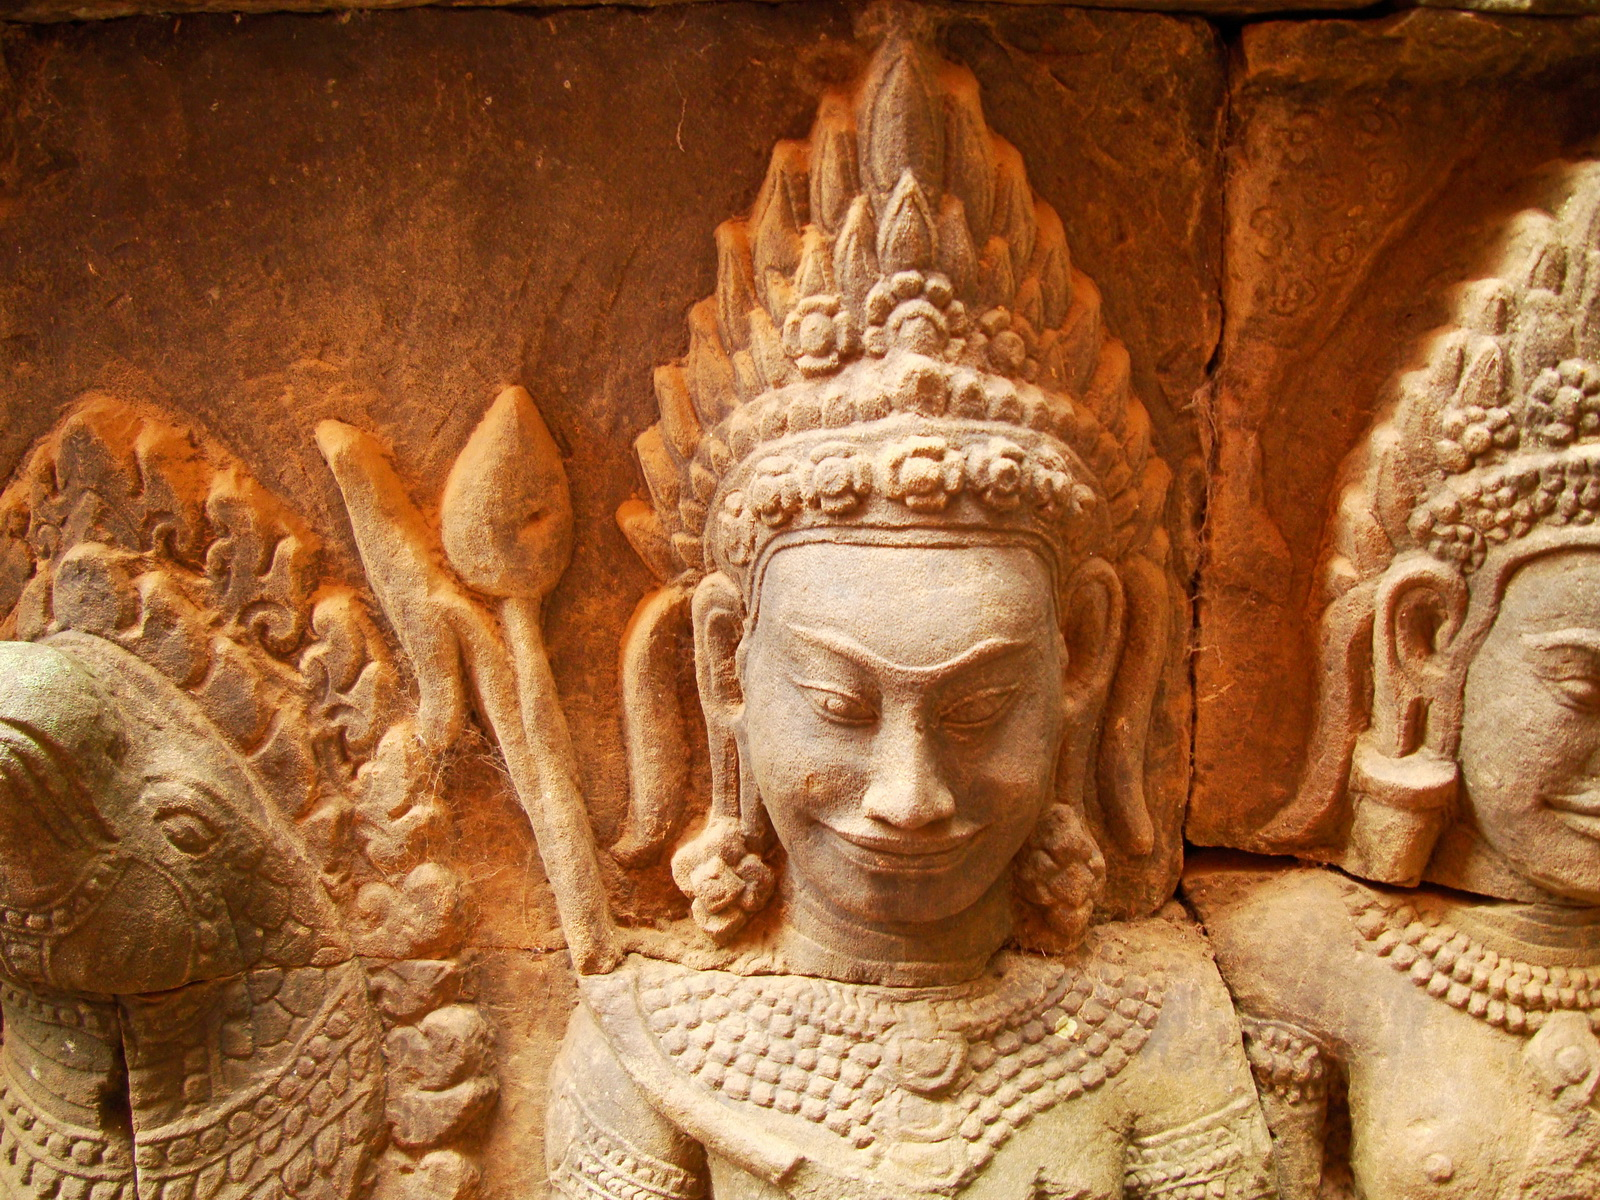 Leper King Terrace hidden wall underworld Nagas and deities 146